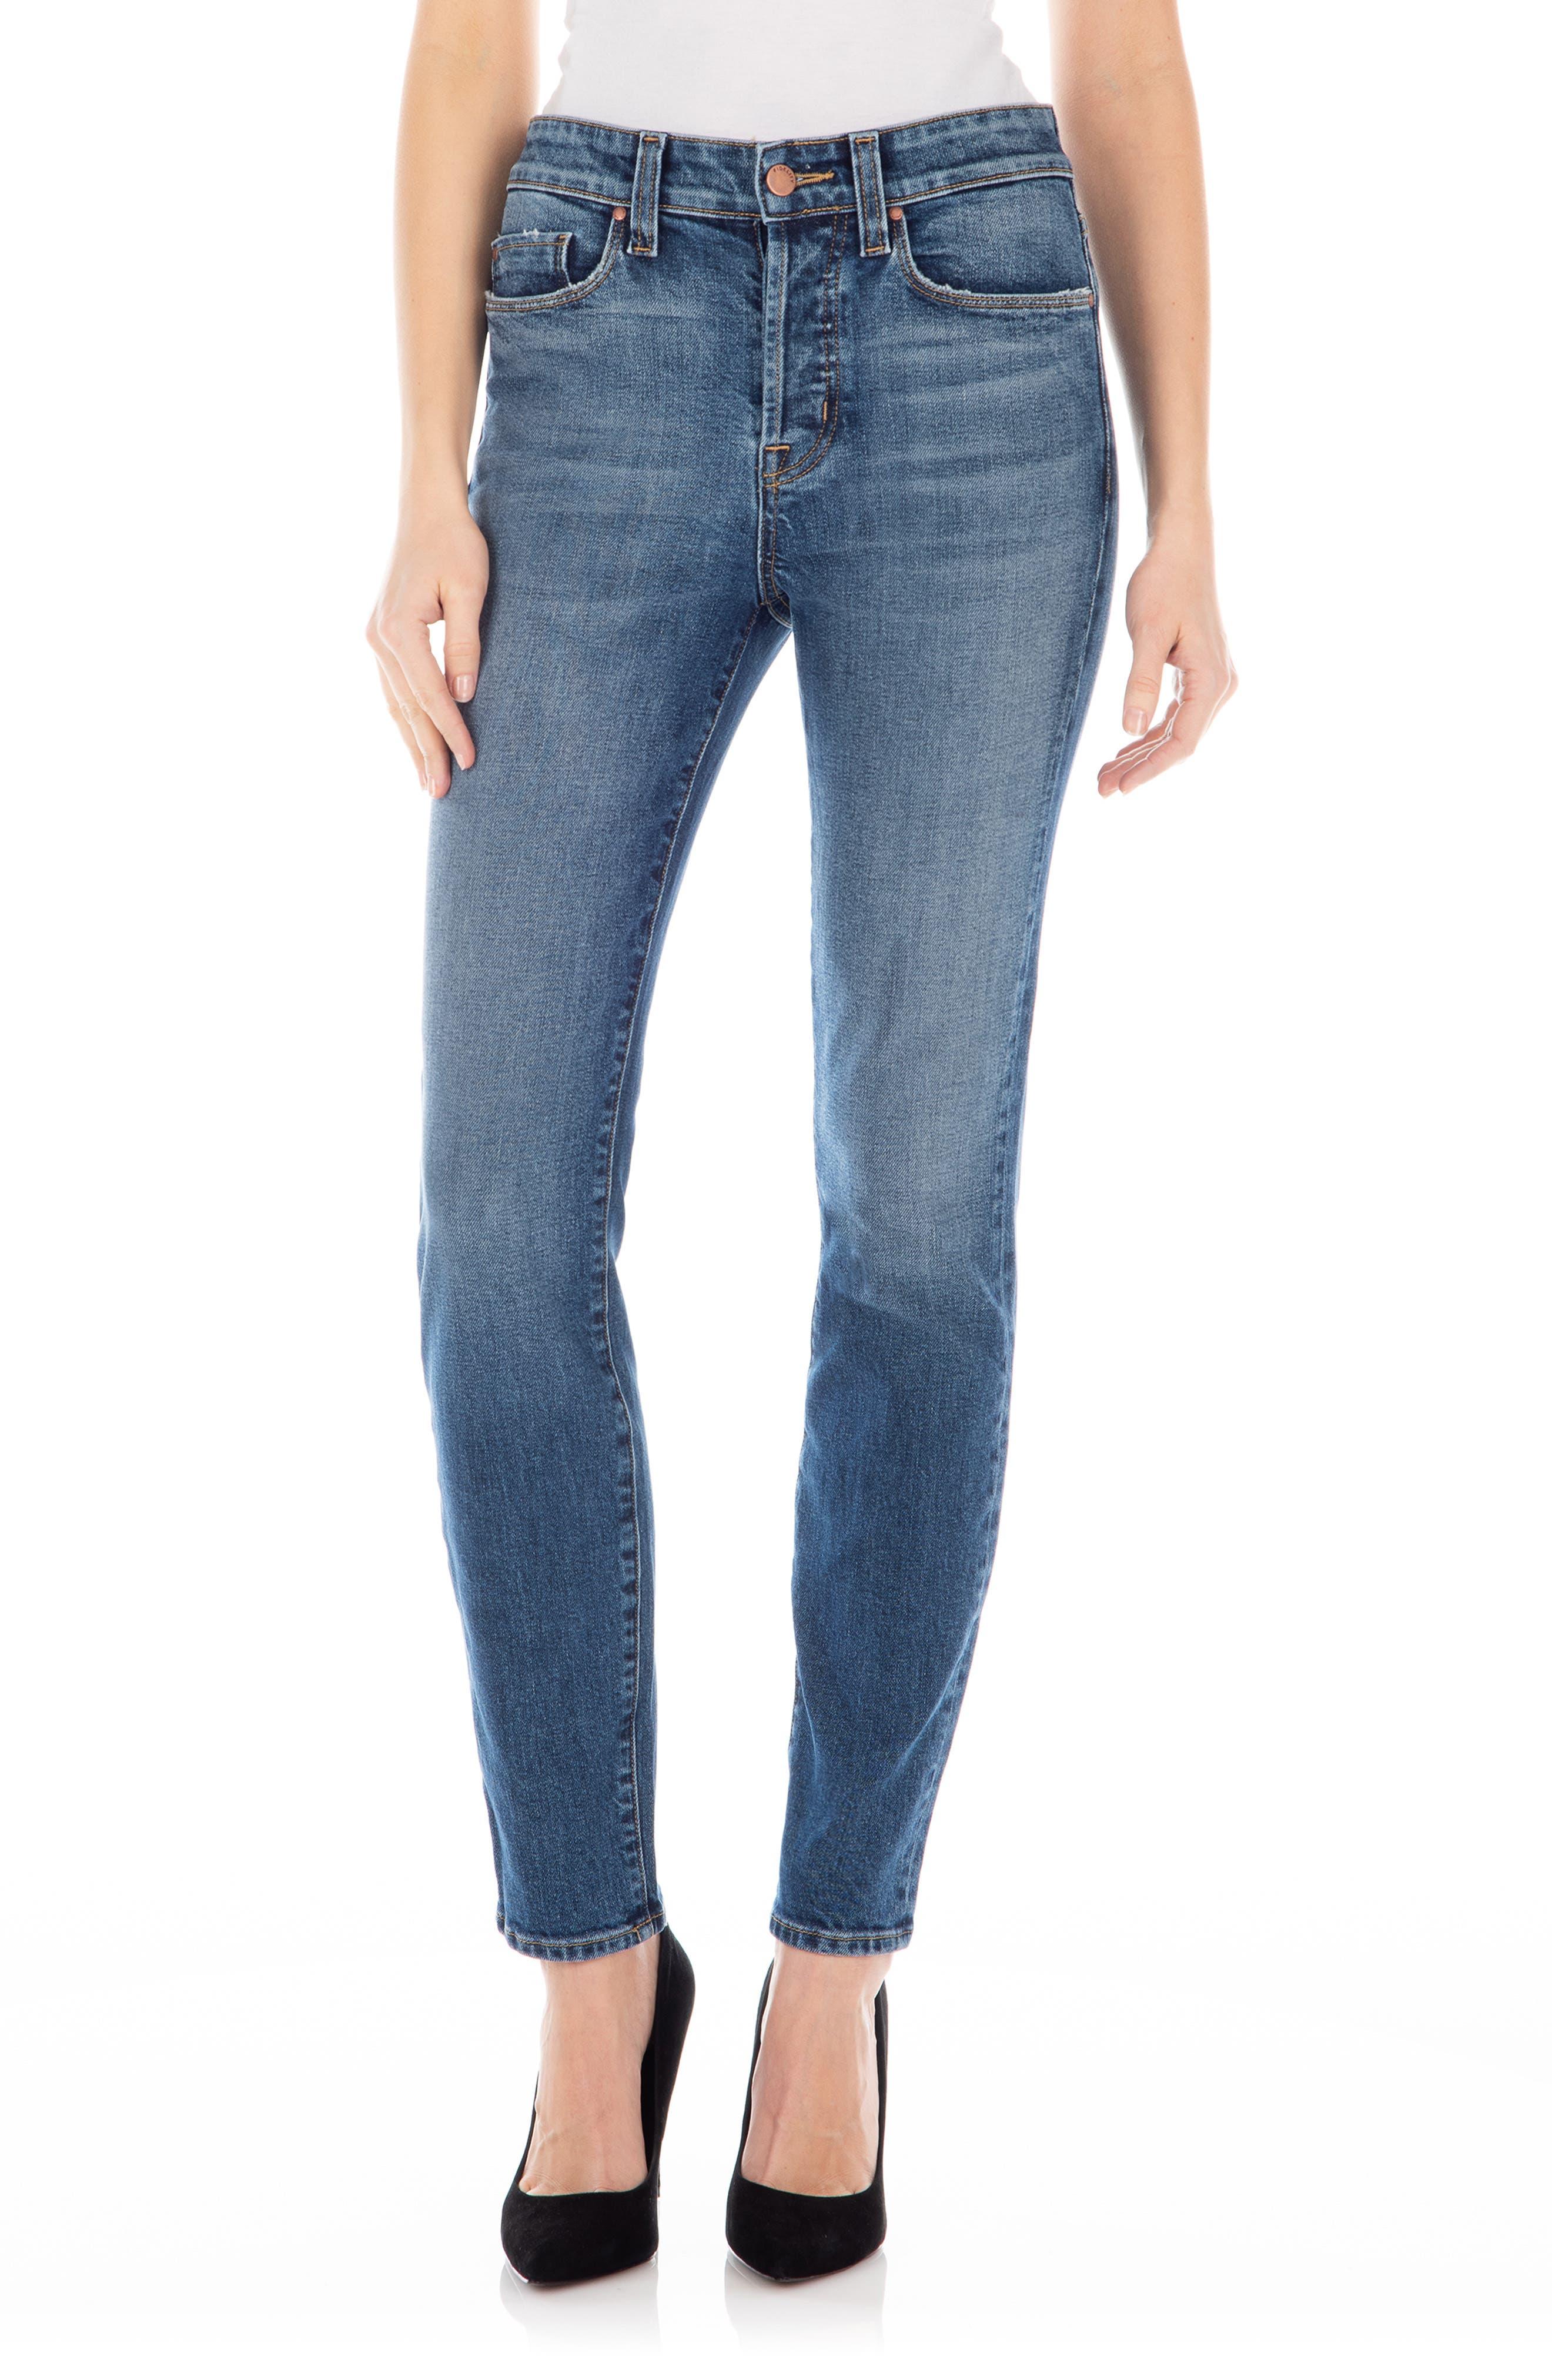 Image of FIDELITY DENIM Pixie Skinny Jeans